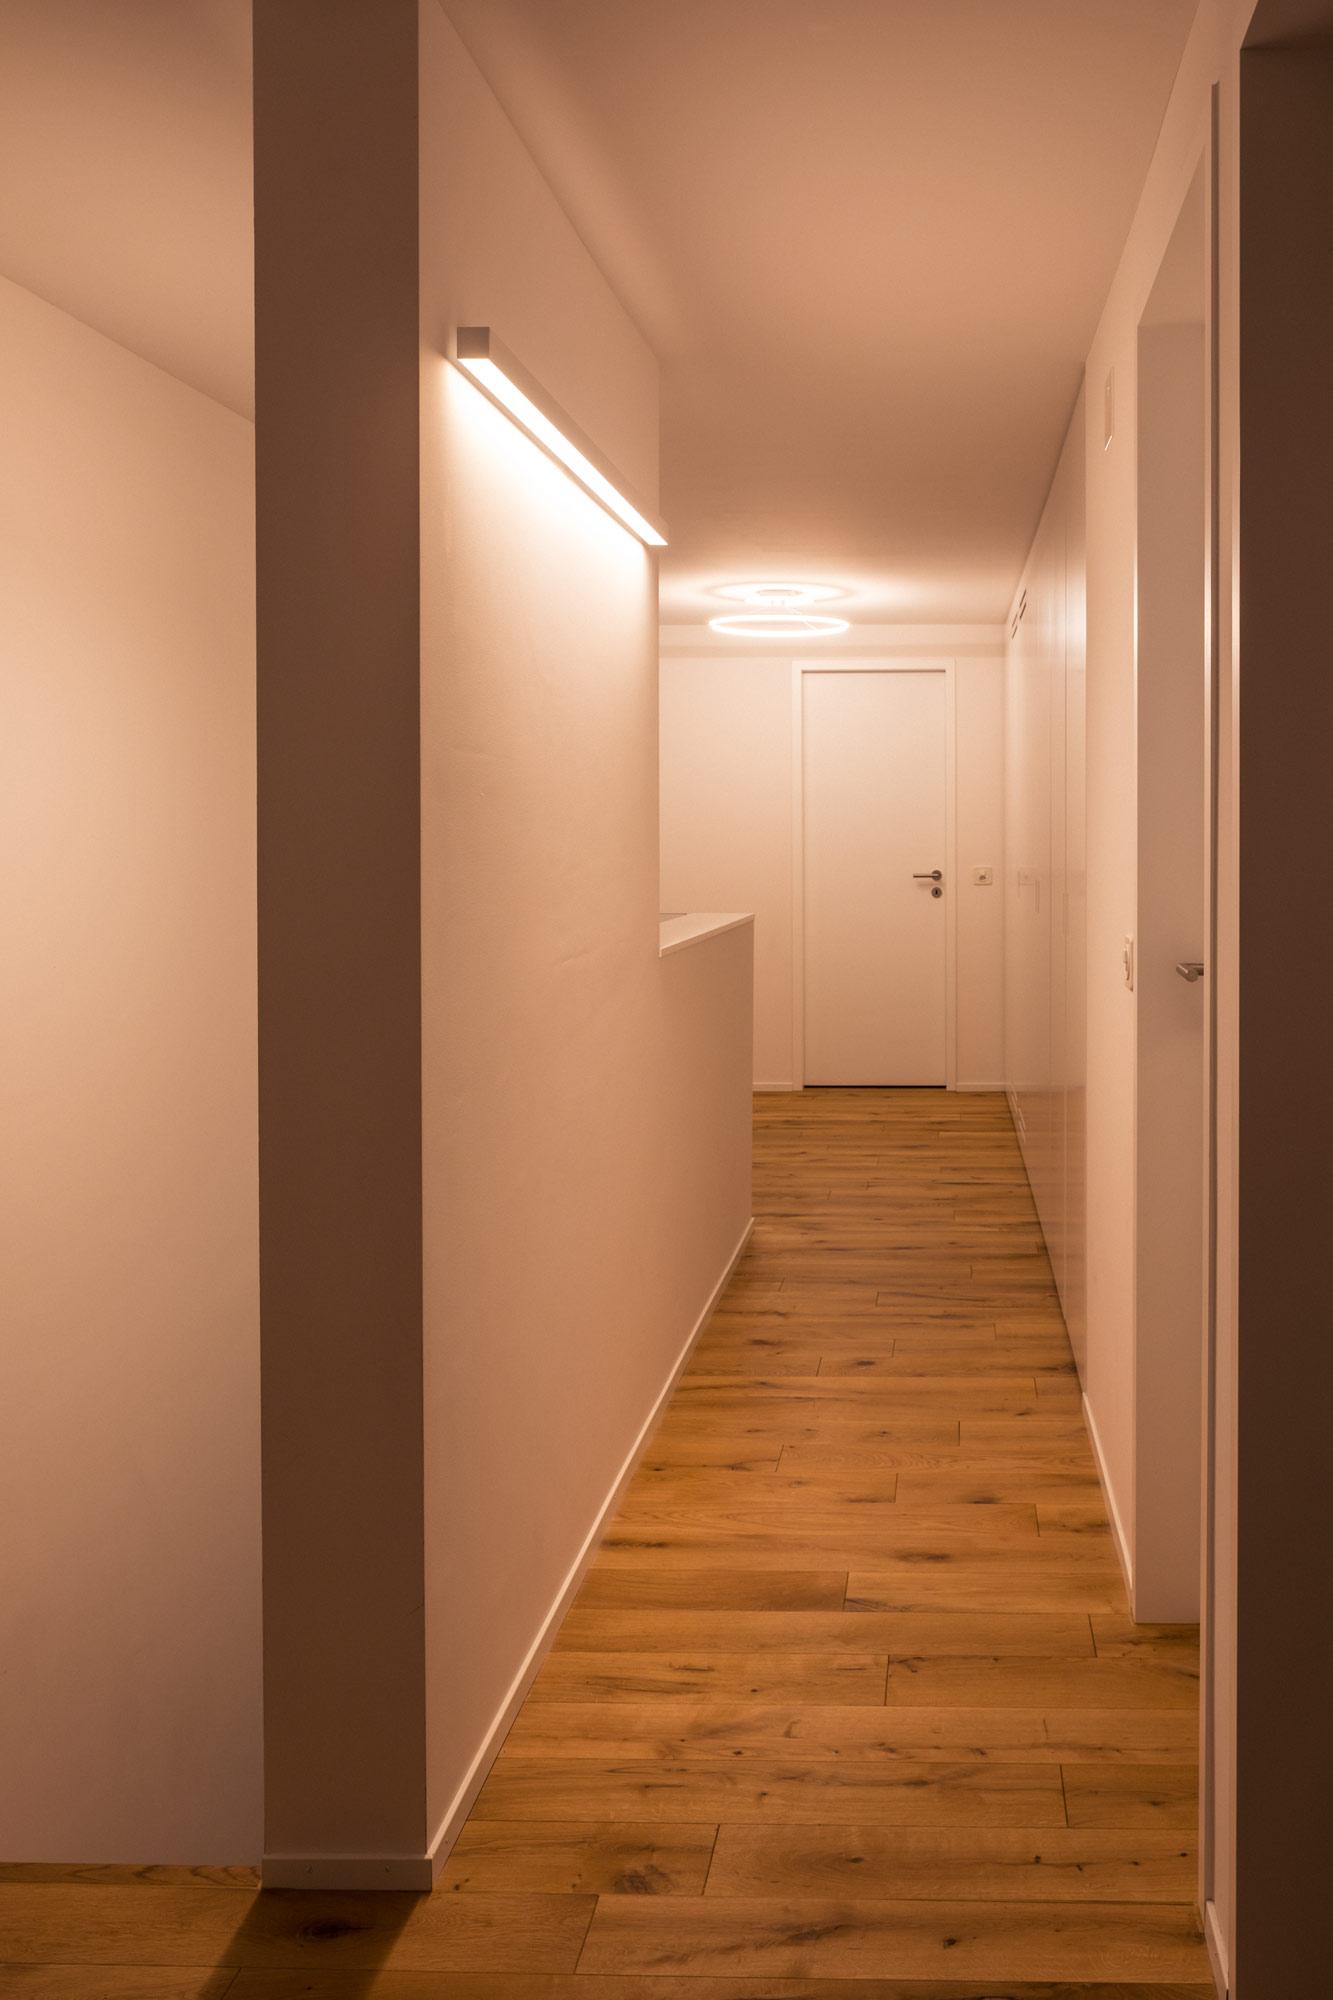 Treppenbeleuchtung.jpg